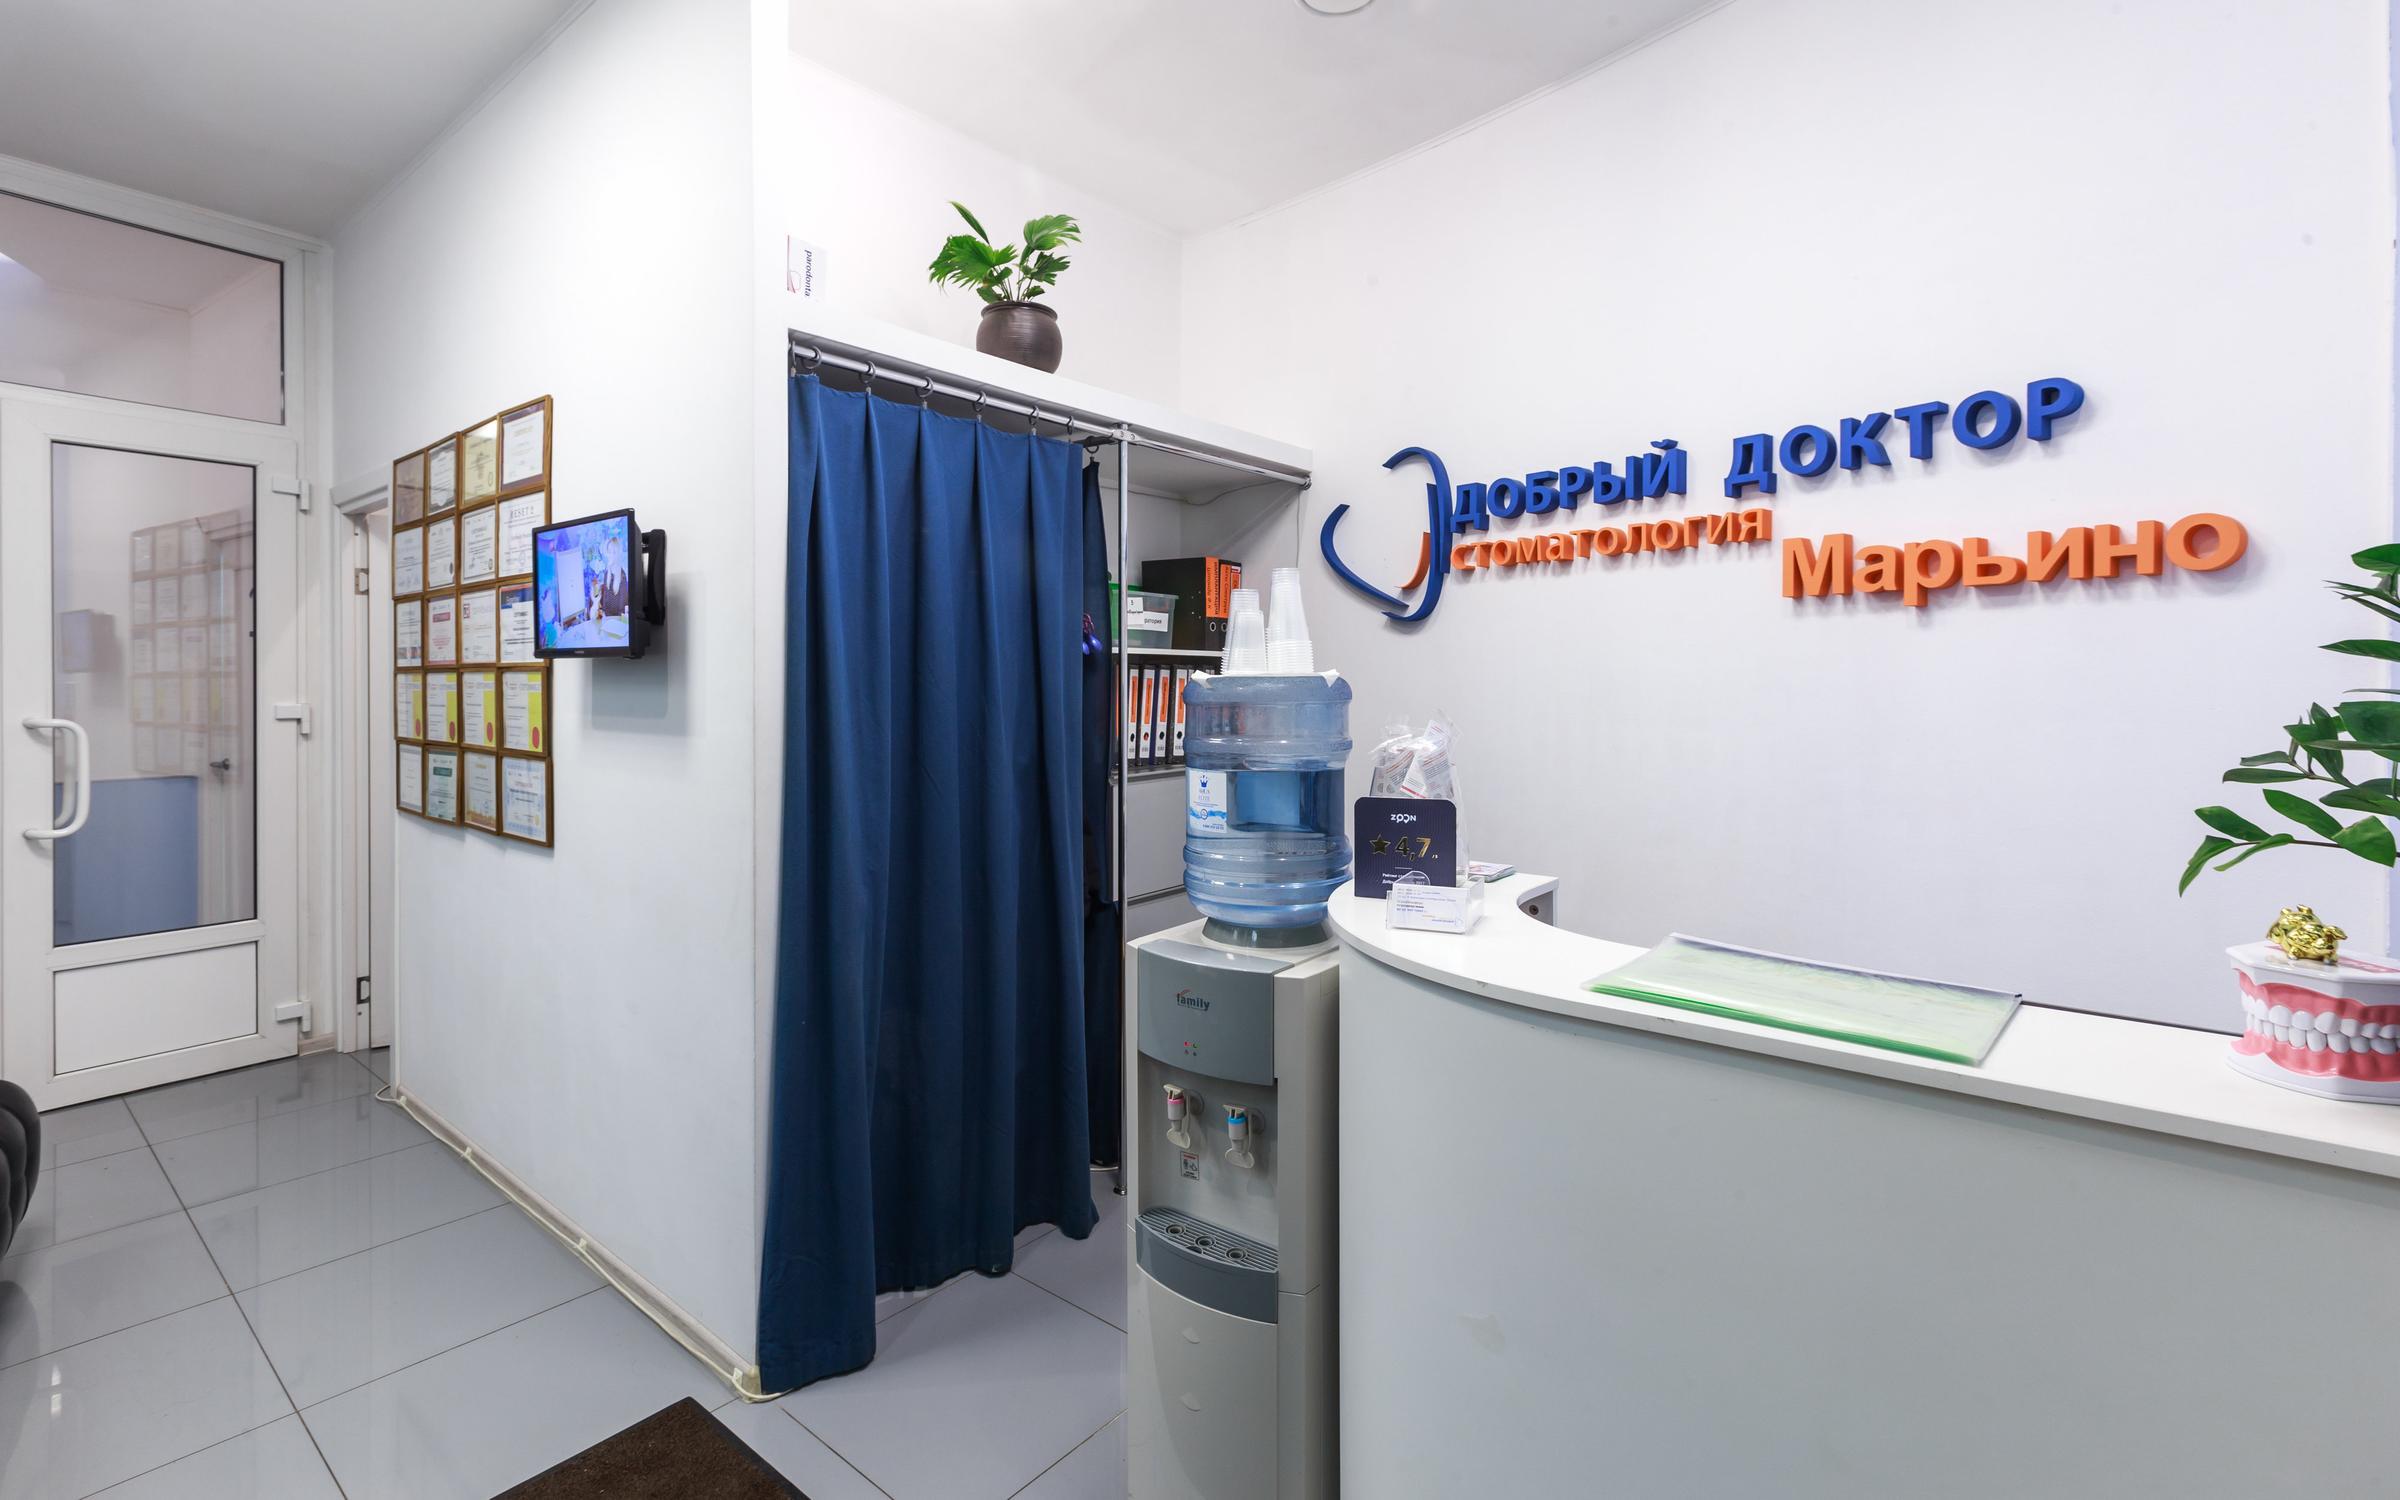 фотография Стоматологии Добрый доктор в Марьино